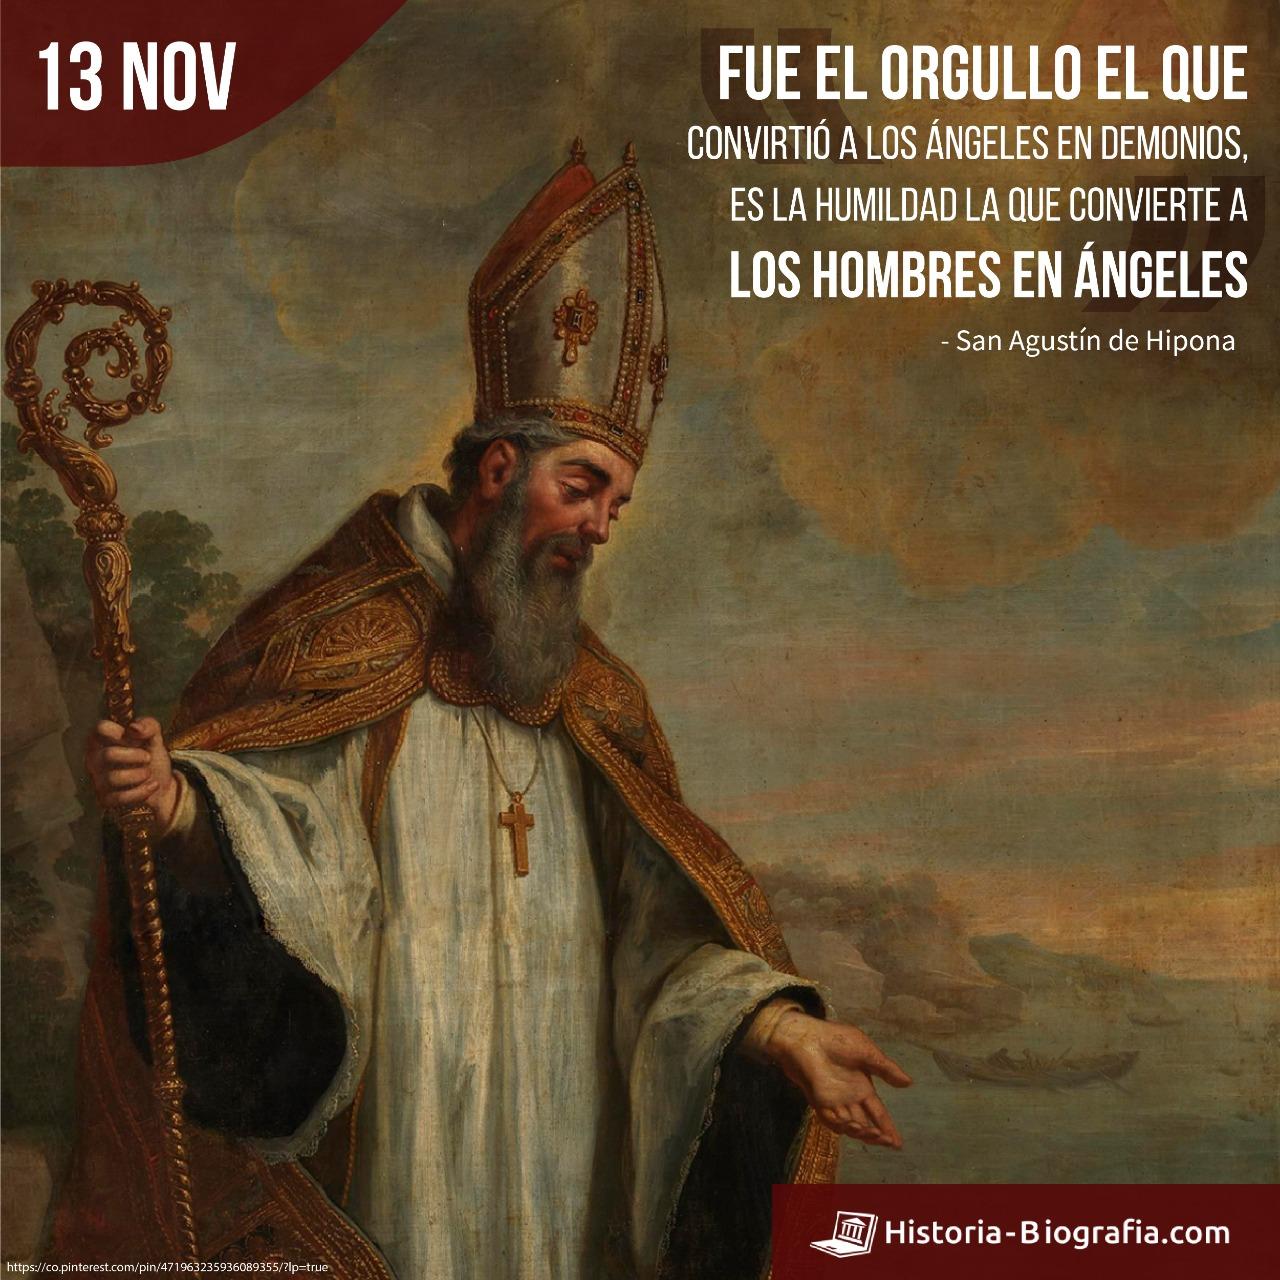 San Agustín de Hipona frases